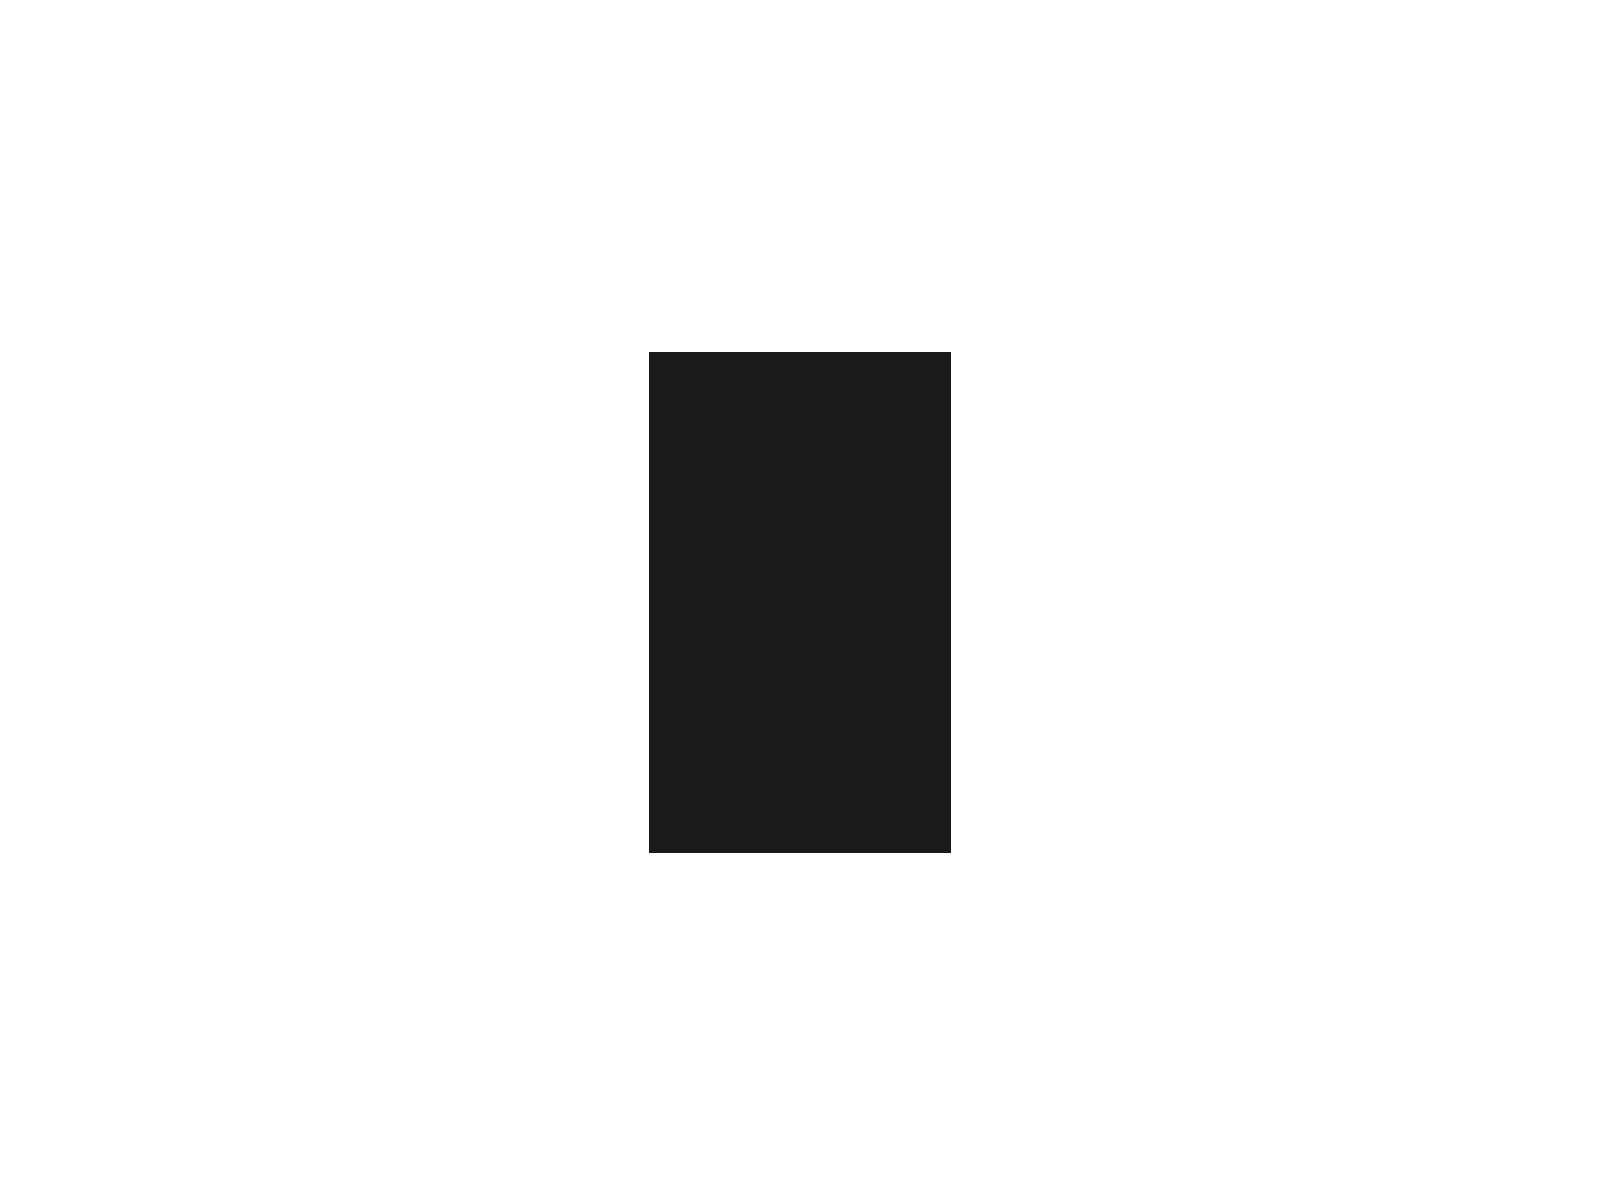 200325_logo_0020_Russia